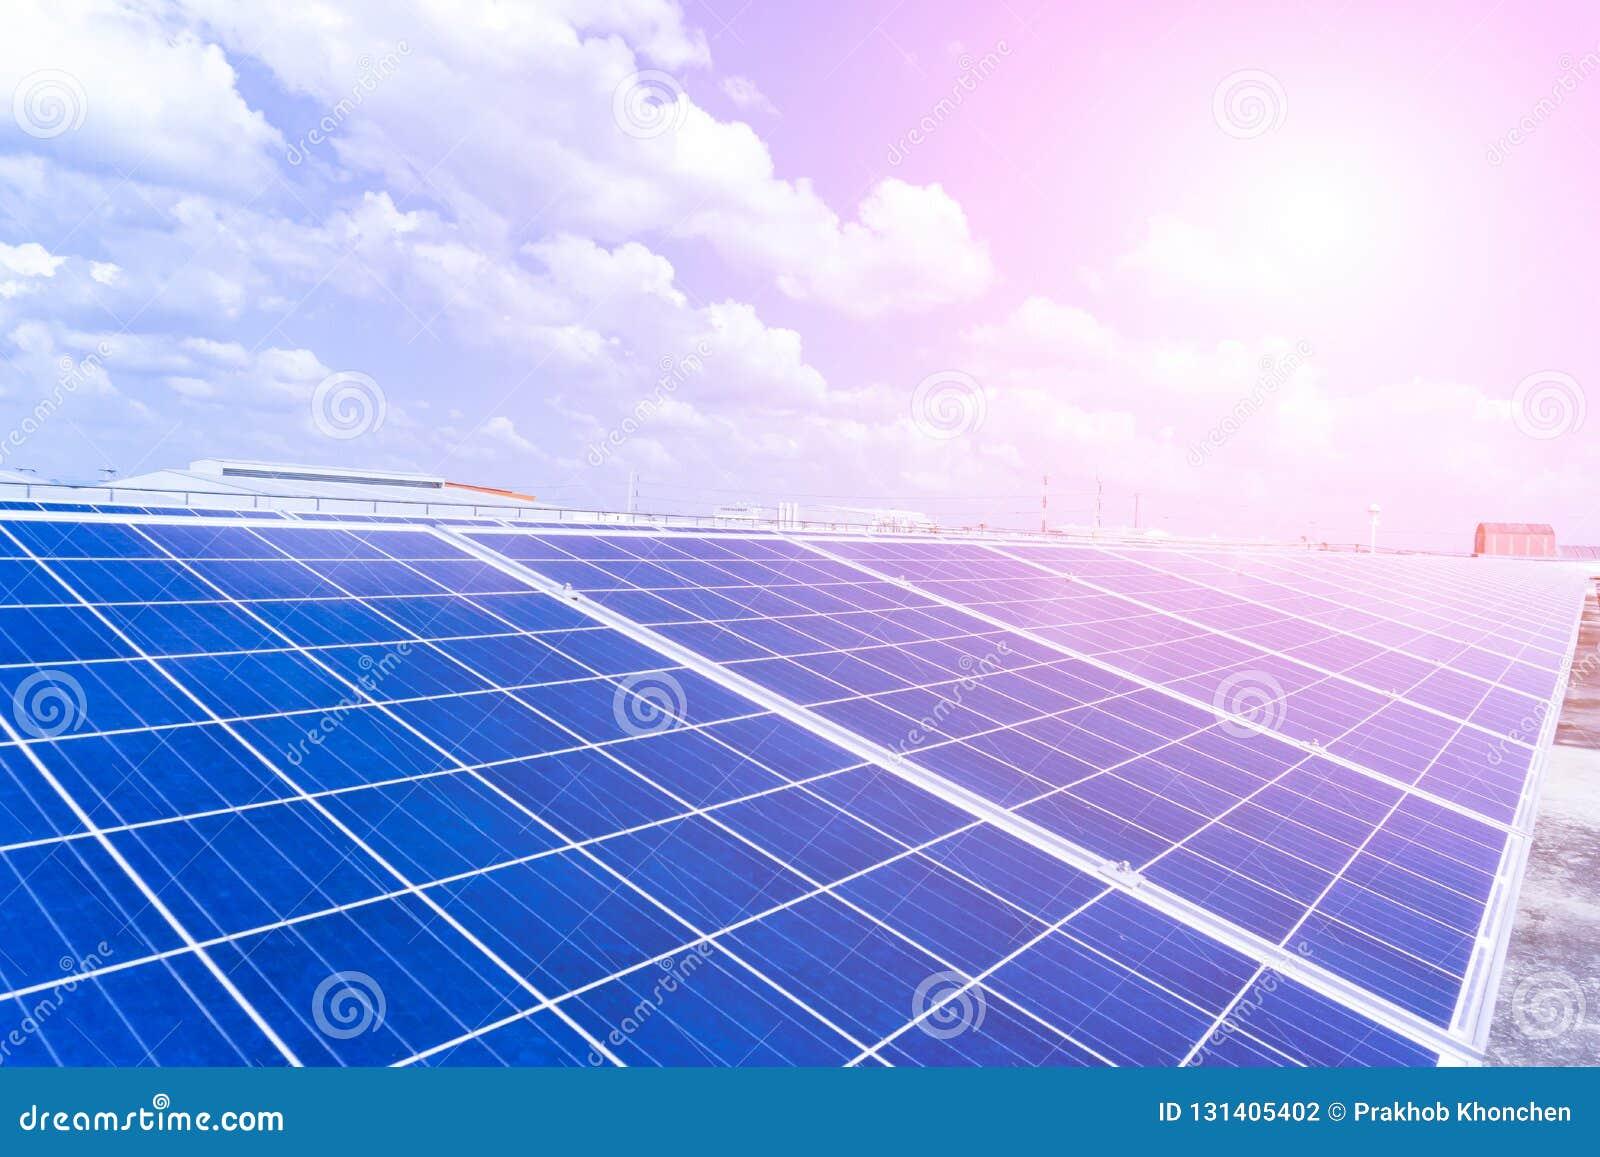 太阳能驻地光致电压的盘区在风景的以太阳热  在视图之上